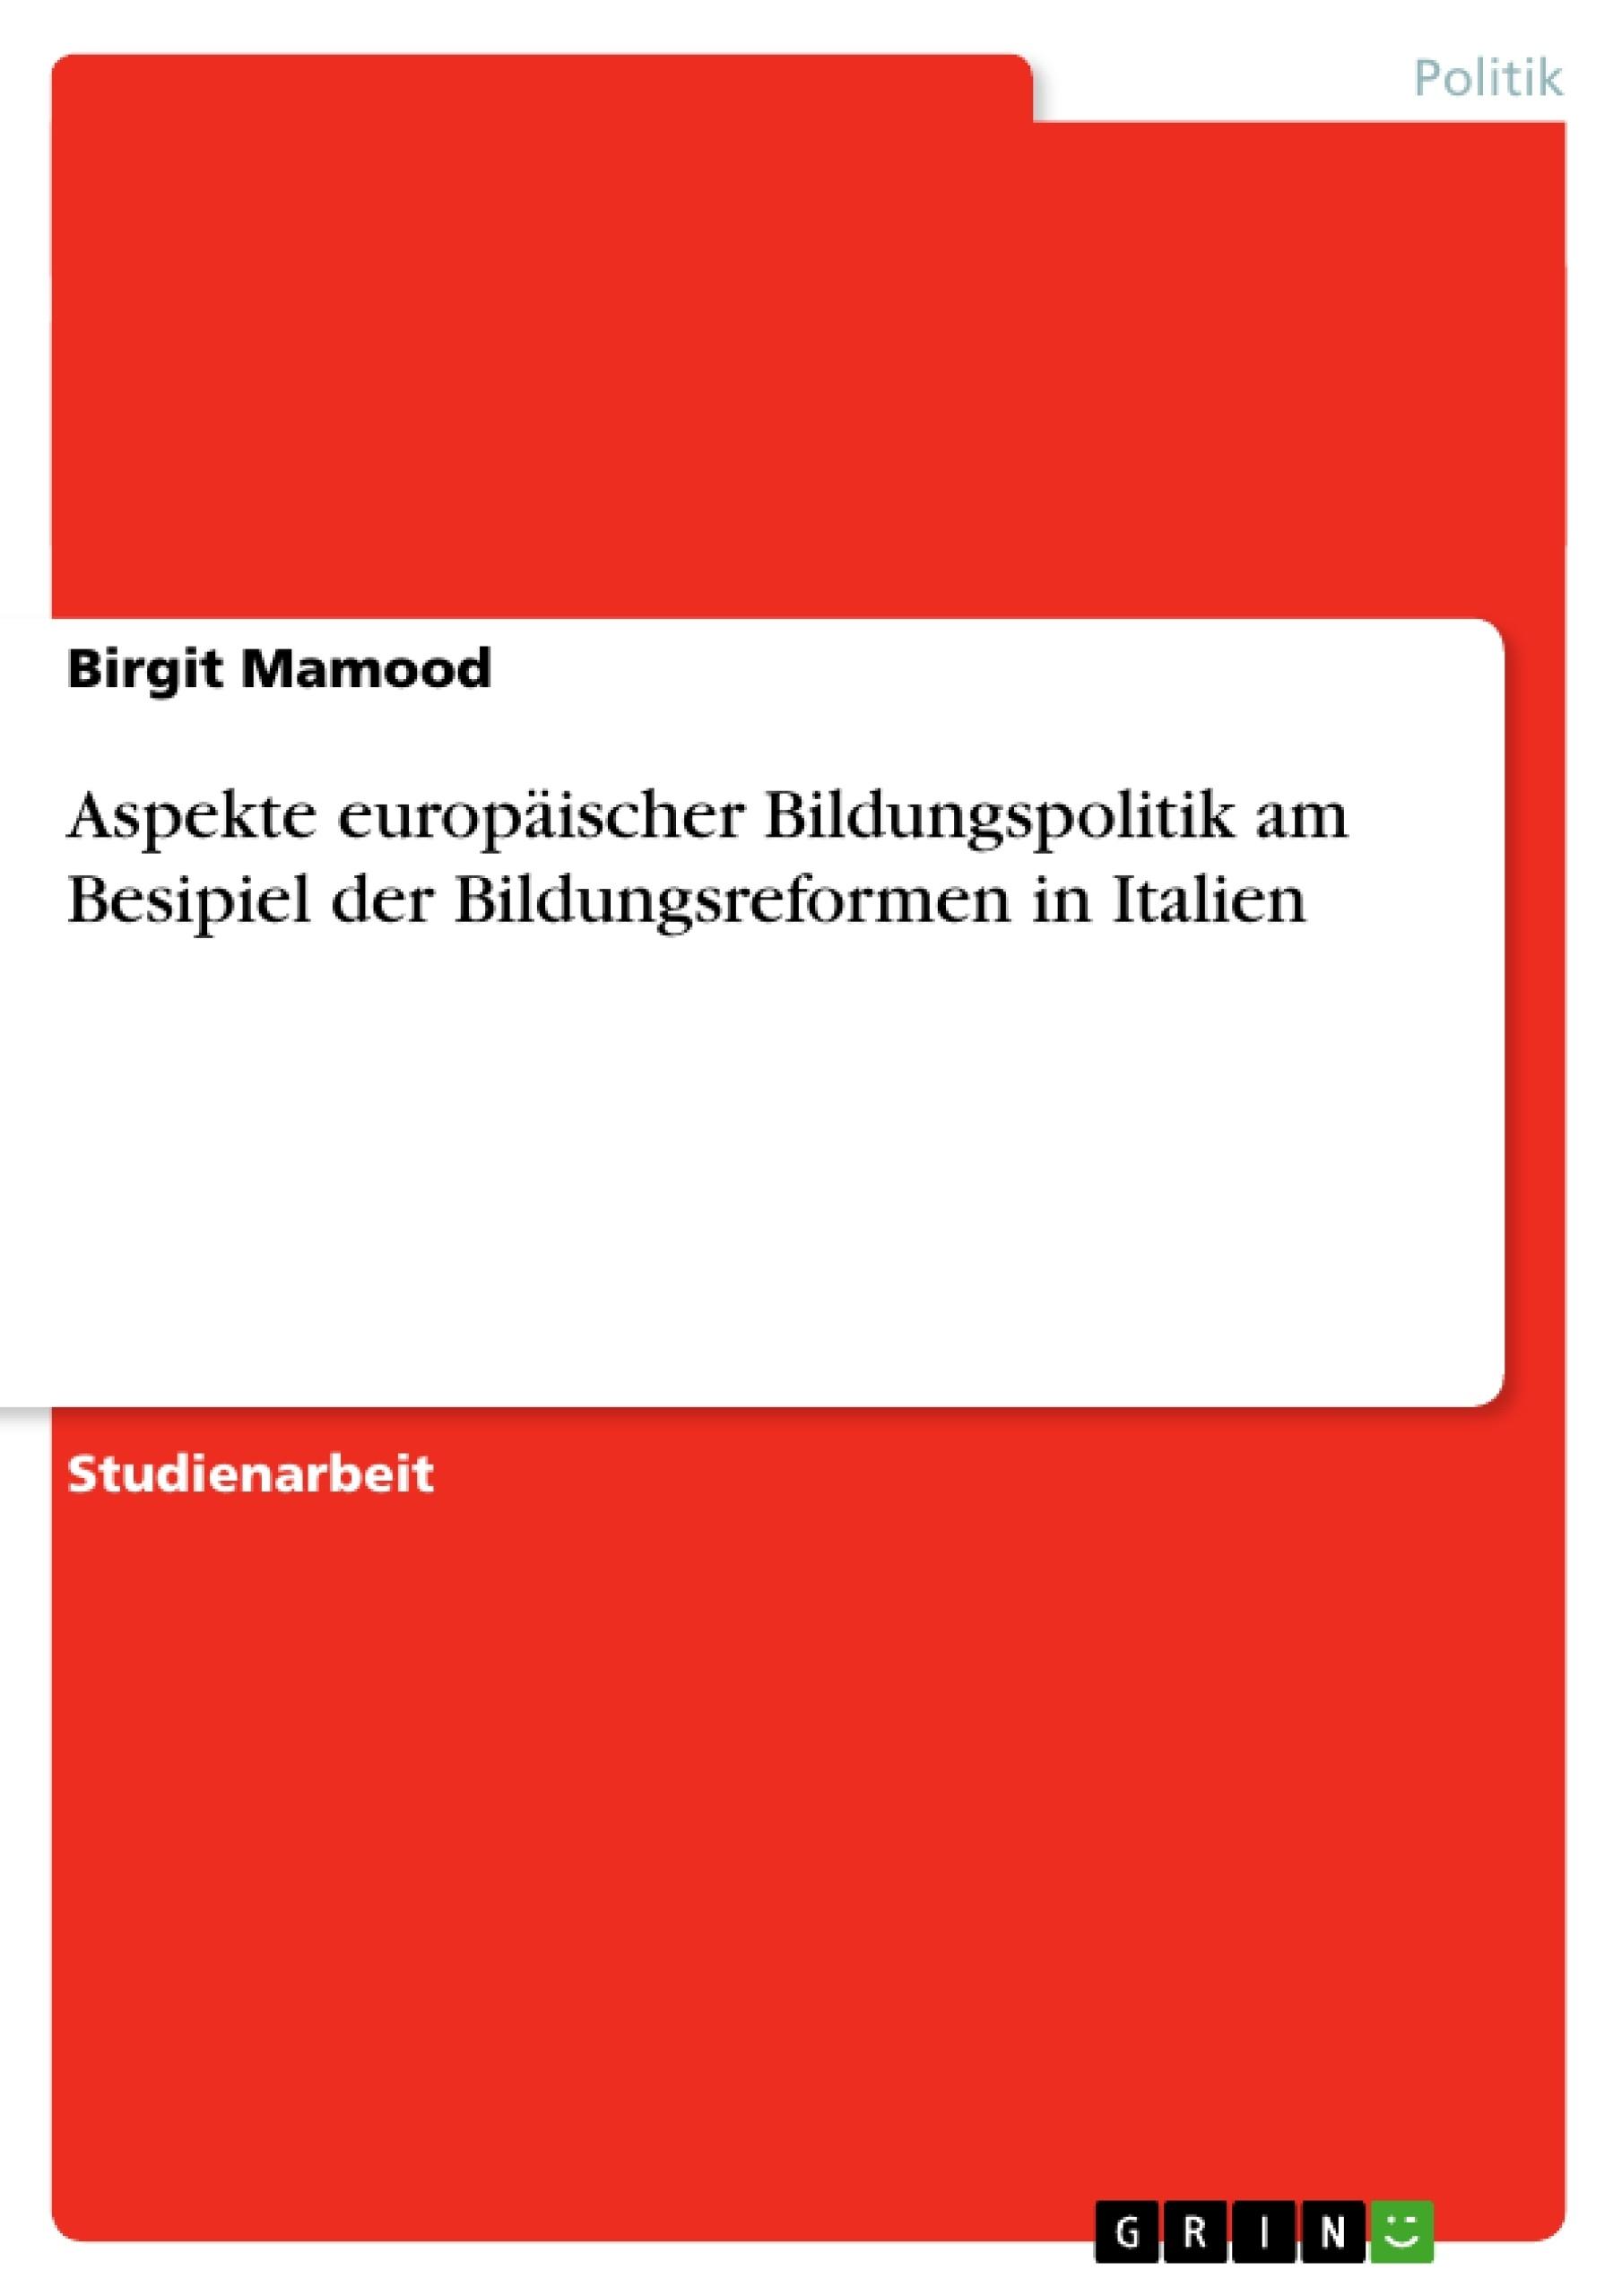 Titel: Aspekte europäischer Bildungspolitik am Besipiel der Bildungsreformen in Italien